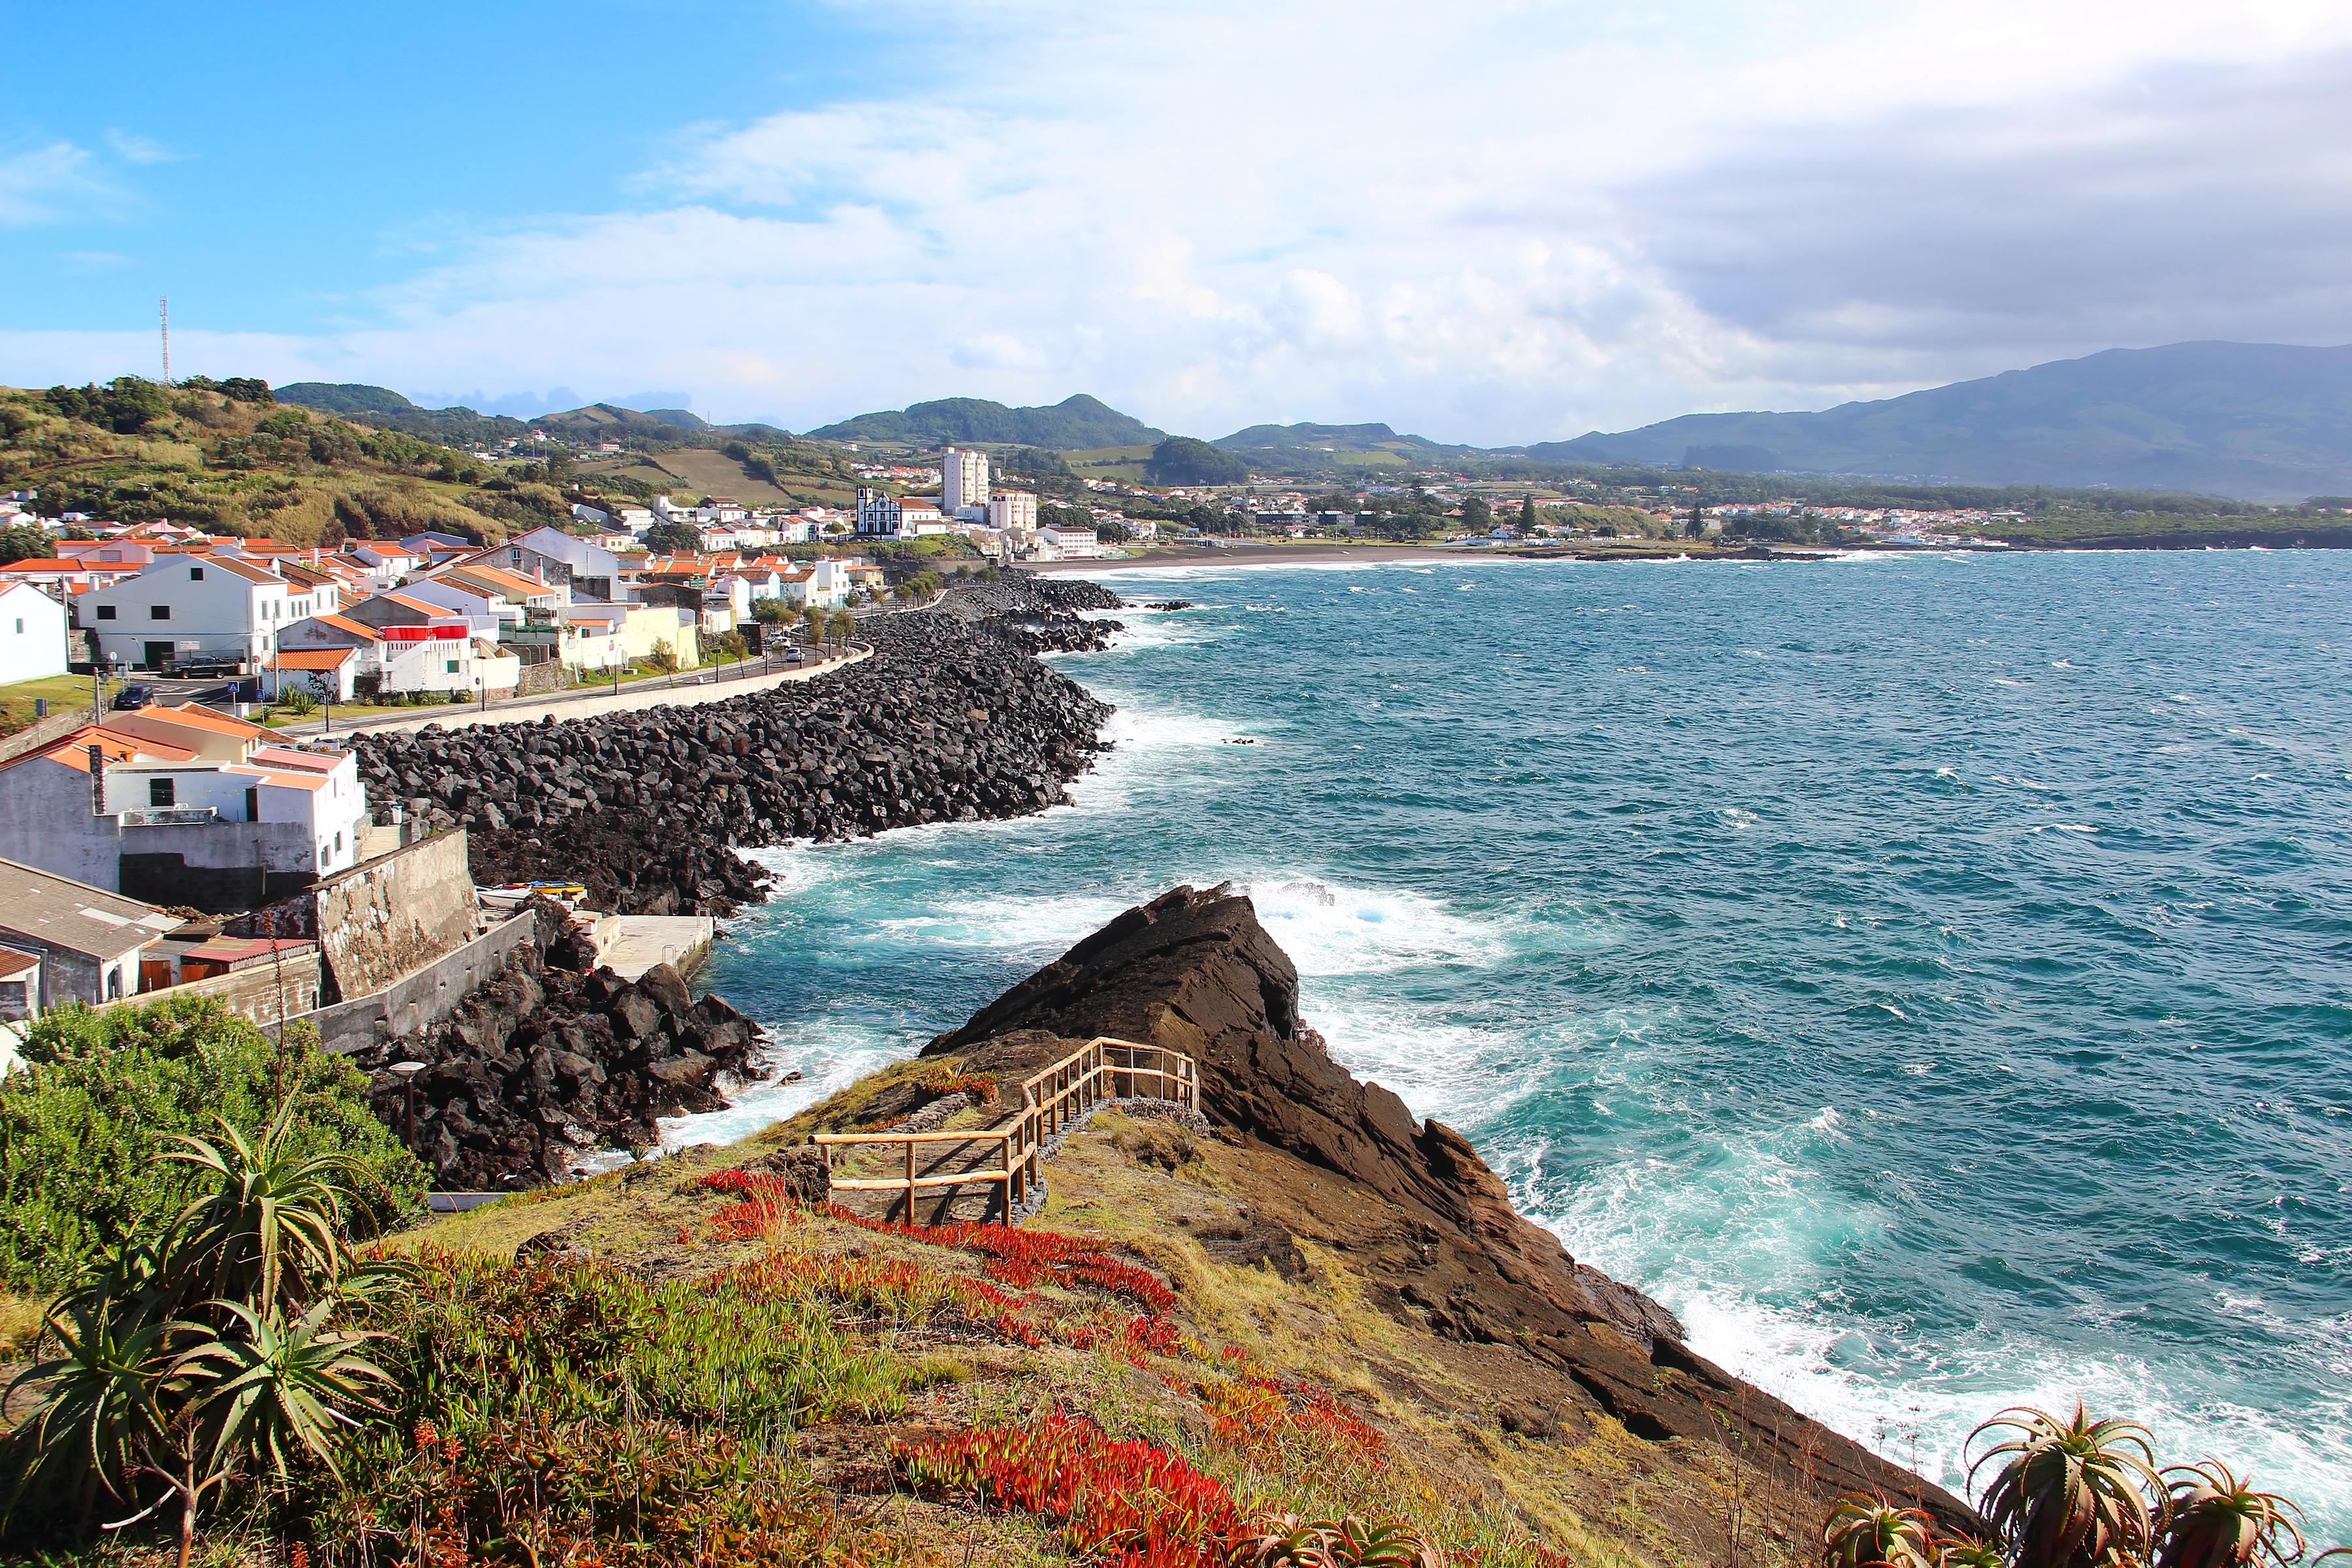 Азорите, Португалия - там ще видите сравнително малко туристи и ще разполагате с всички геотермални басейни, не пропускайте гледането на китове и наблюдението на делфините.